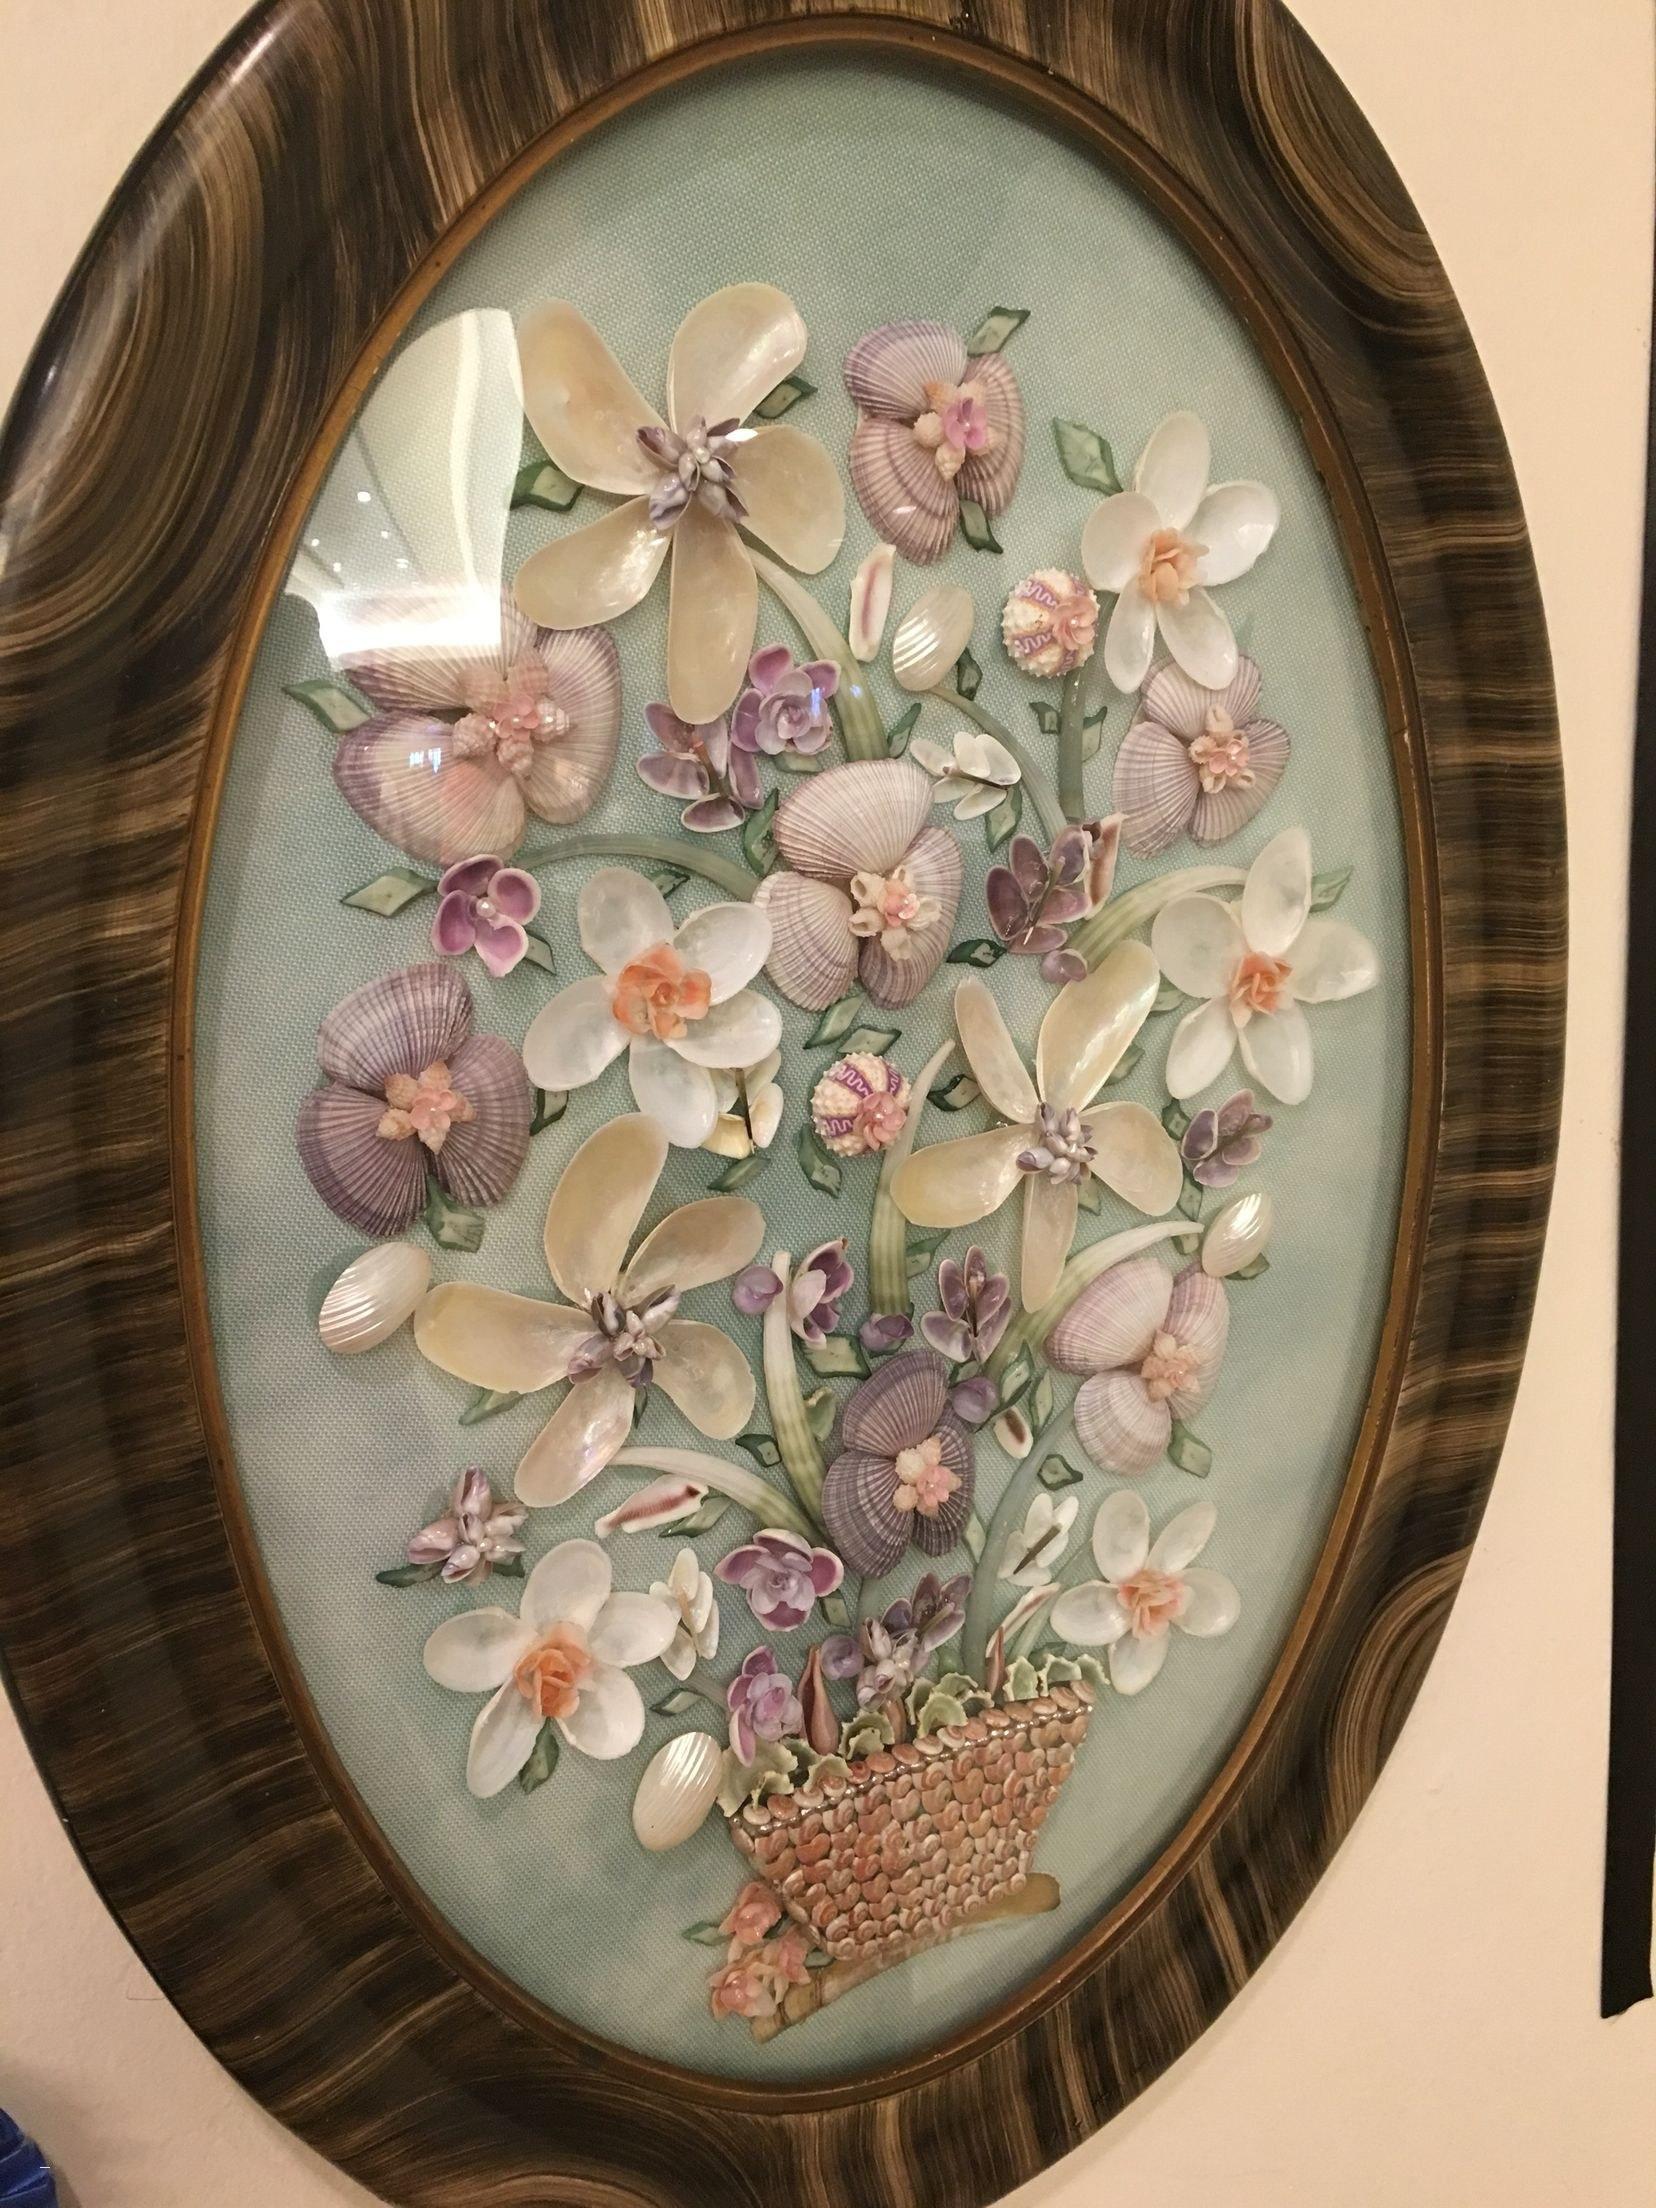 Blumenranken Zum Ausdrucken Frisch Karte Blumen Neuestes S S Media Cache Ak0 Pinimg originals 0d F2 3a Das Bild